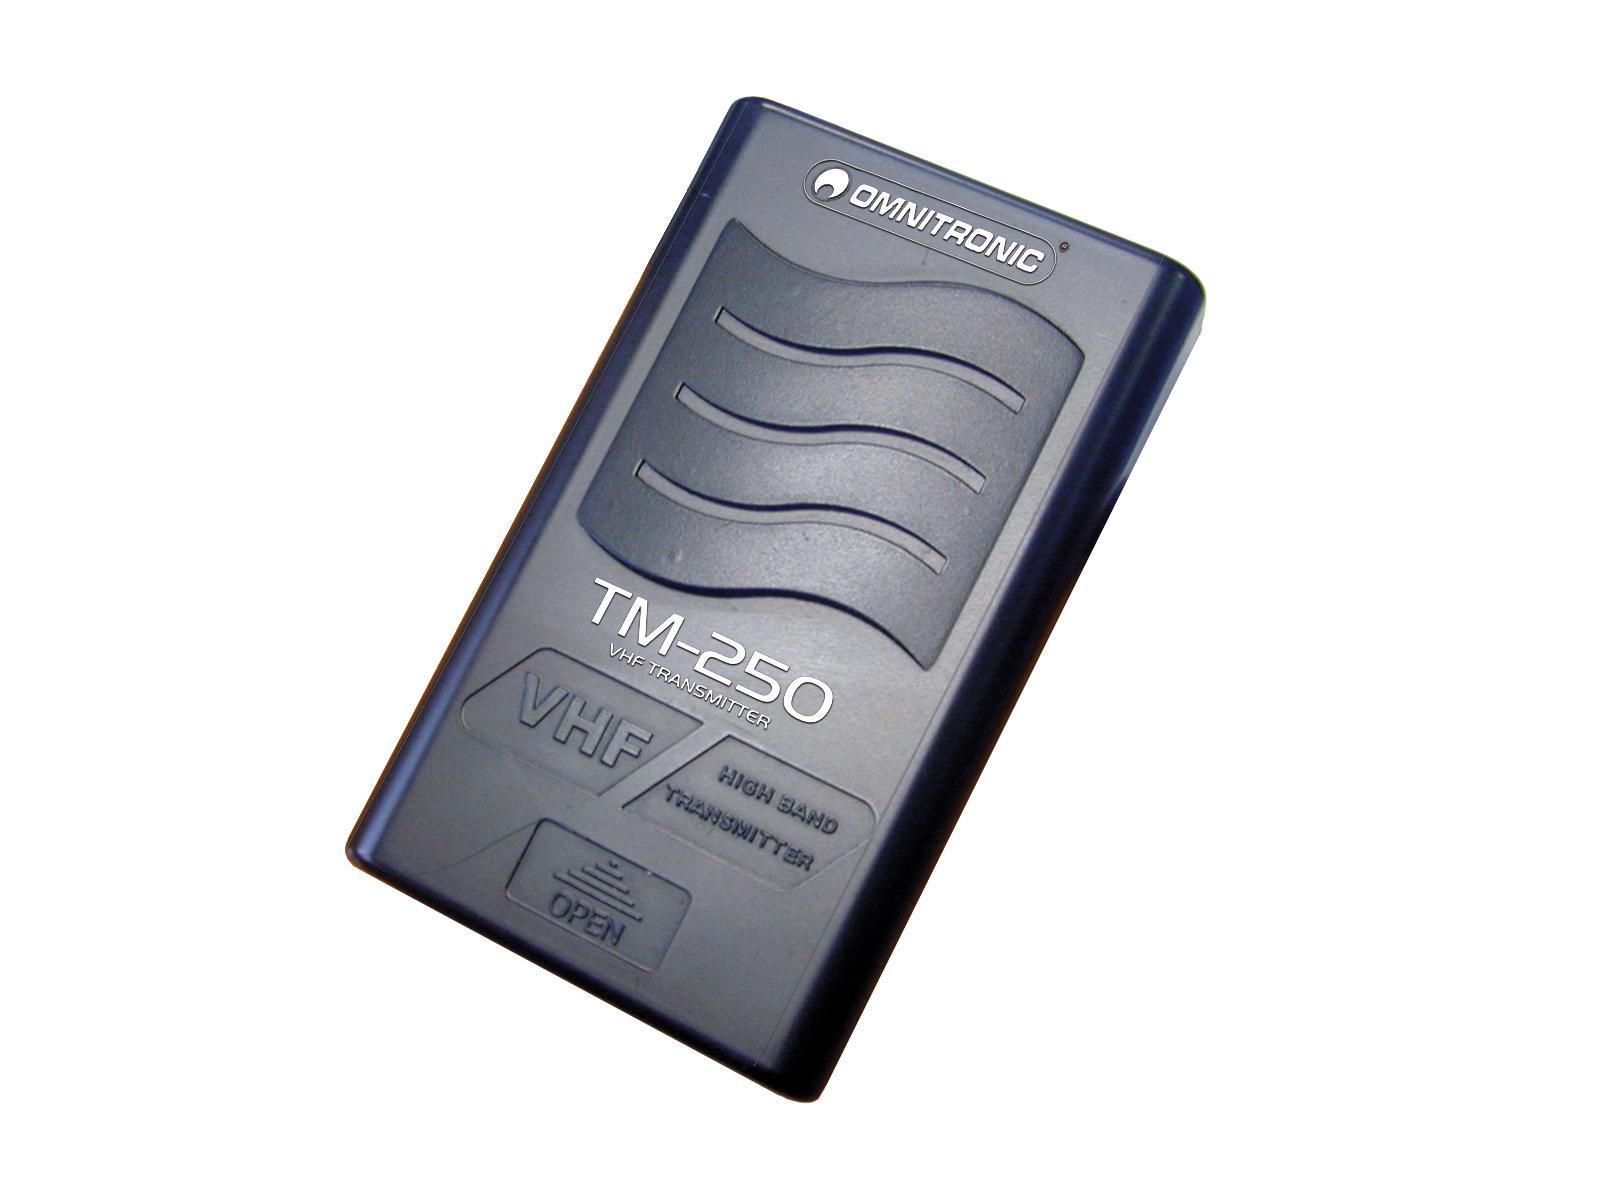 OMNITRONIC TM-250 Gürtelsender VHF211.700